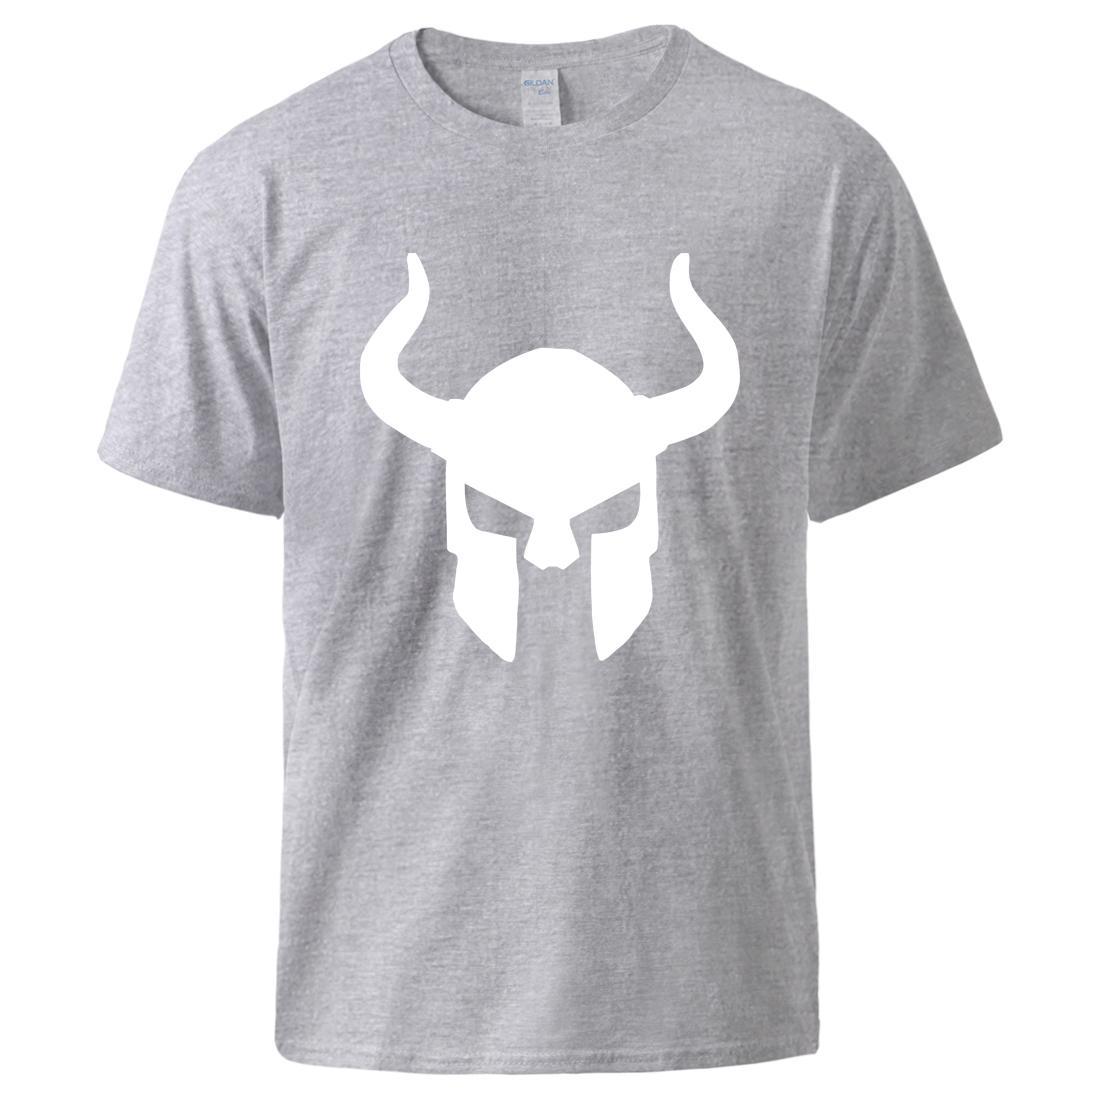 Odin Vikingler Man Tişörtlü Anarchy Serin Hip Hop Kısa Kollu Spor Üst Erkek Casual Tee Of 2020 Yaz% 100 Pamuk Tee Sons